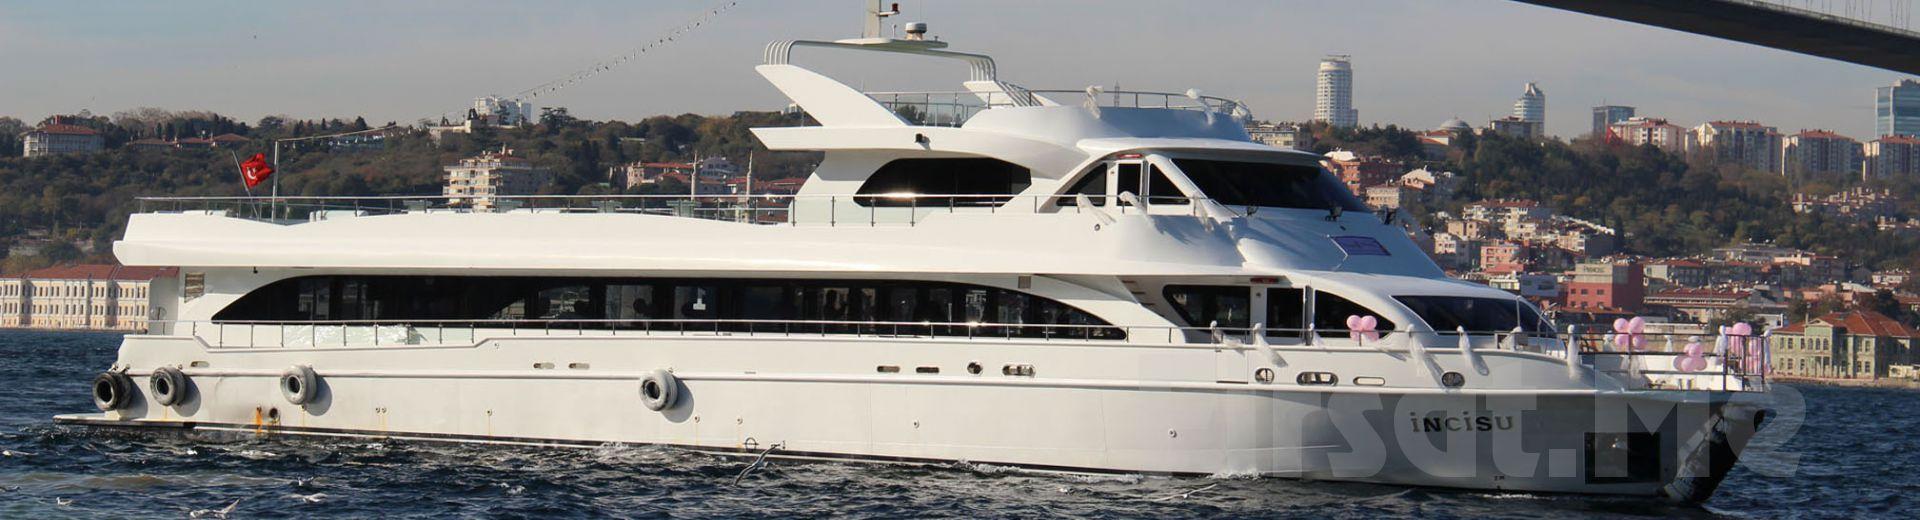 İncisu Teknesi'nde Açık Büfe Kahvaltı + Sınırsız Çay-Kahve Eşliğinde Boğaz Turu!